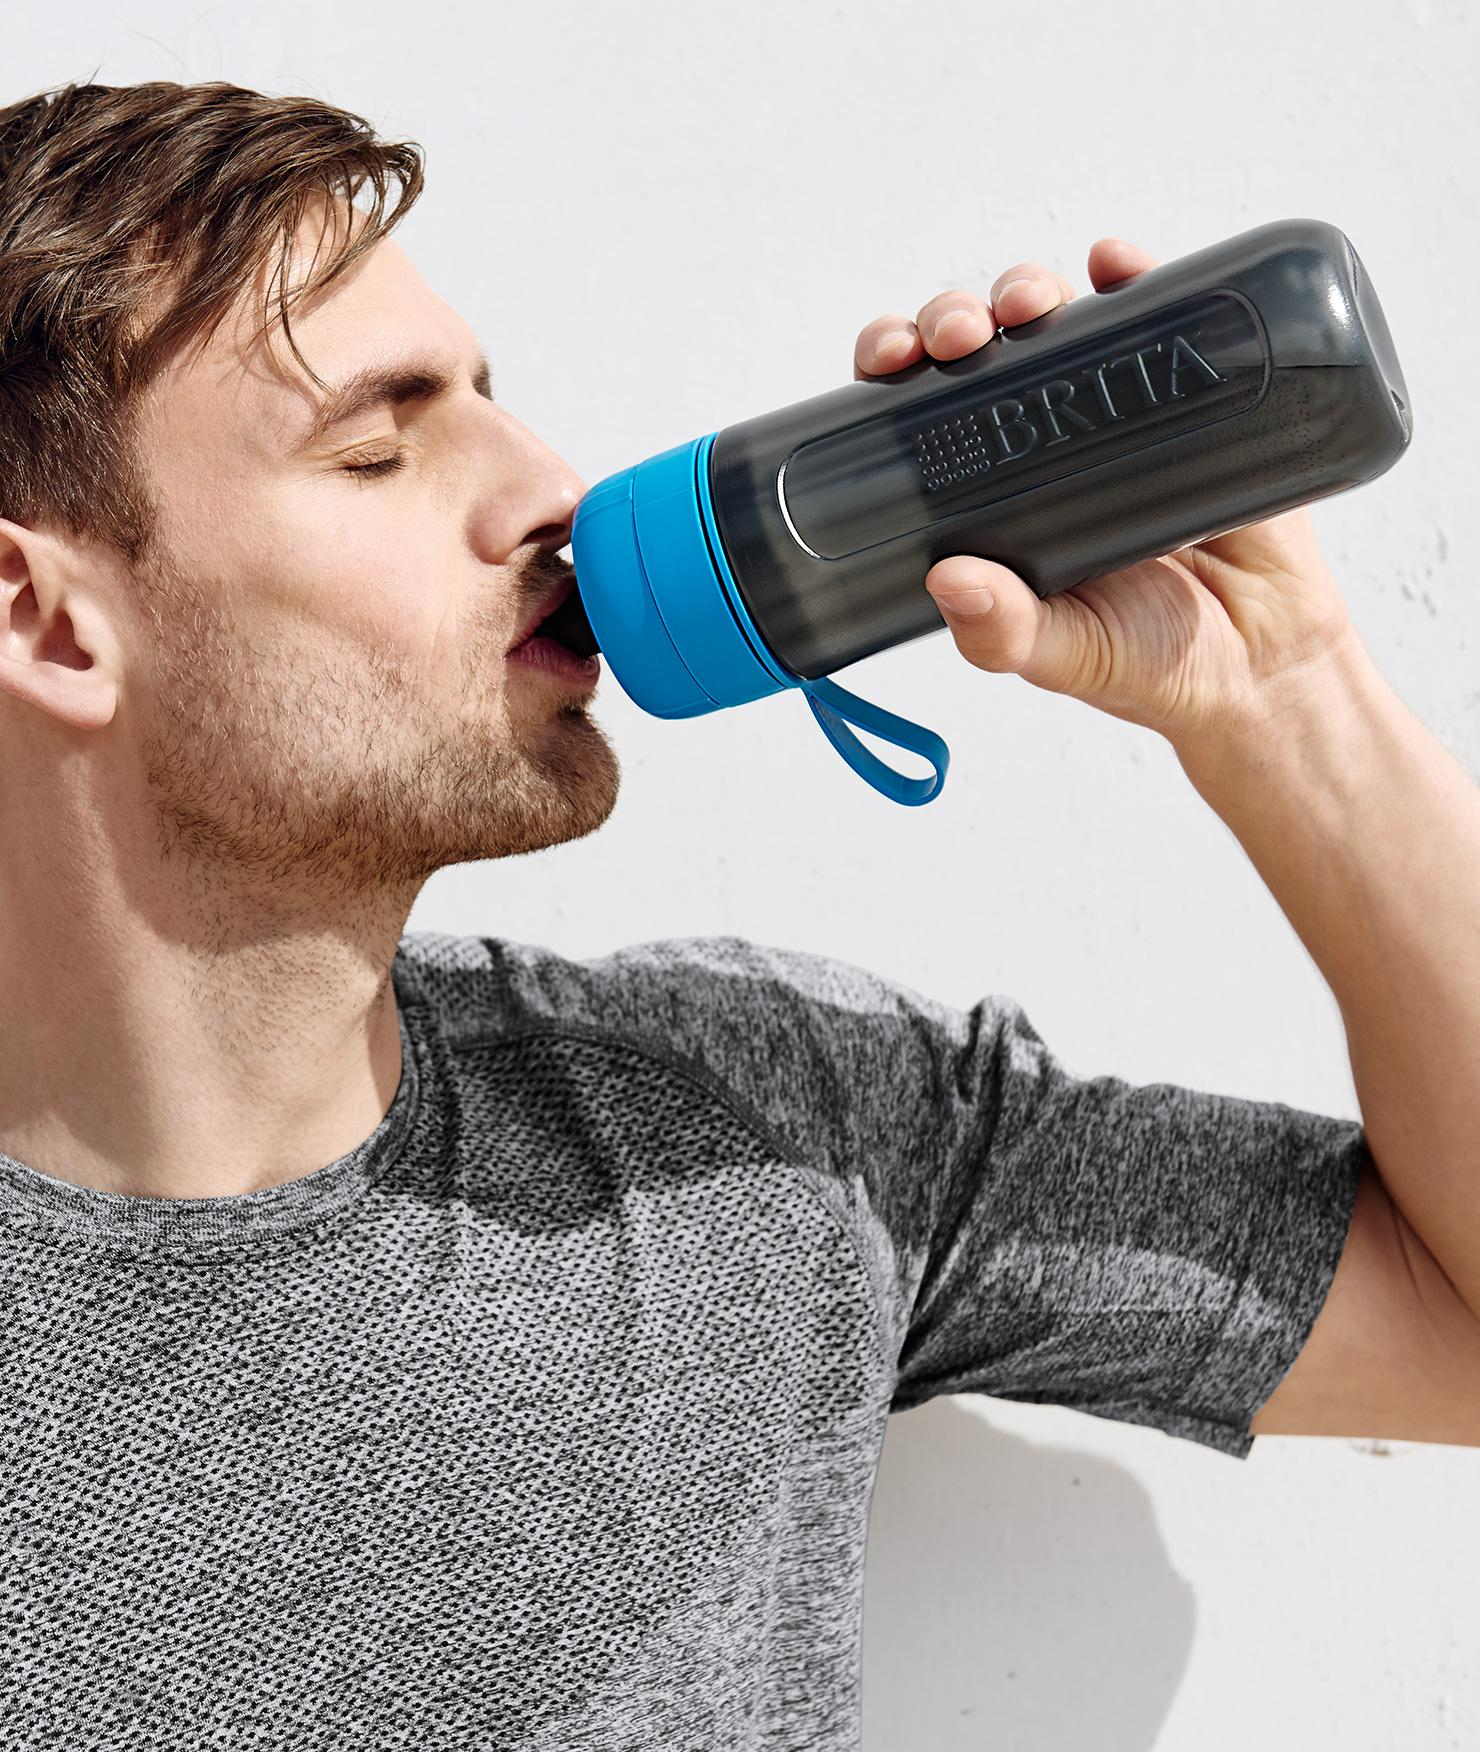 BRITA hidratación personal hombre bebiendo agua